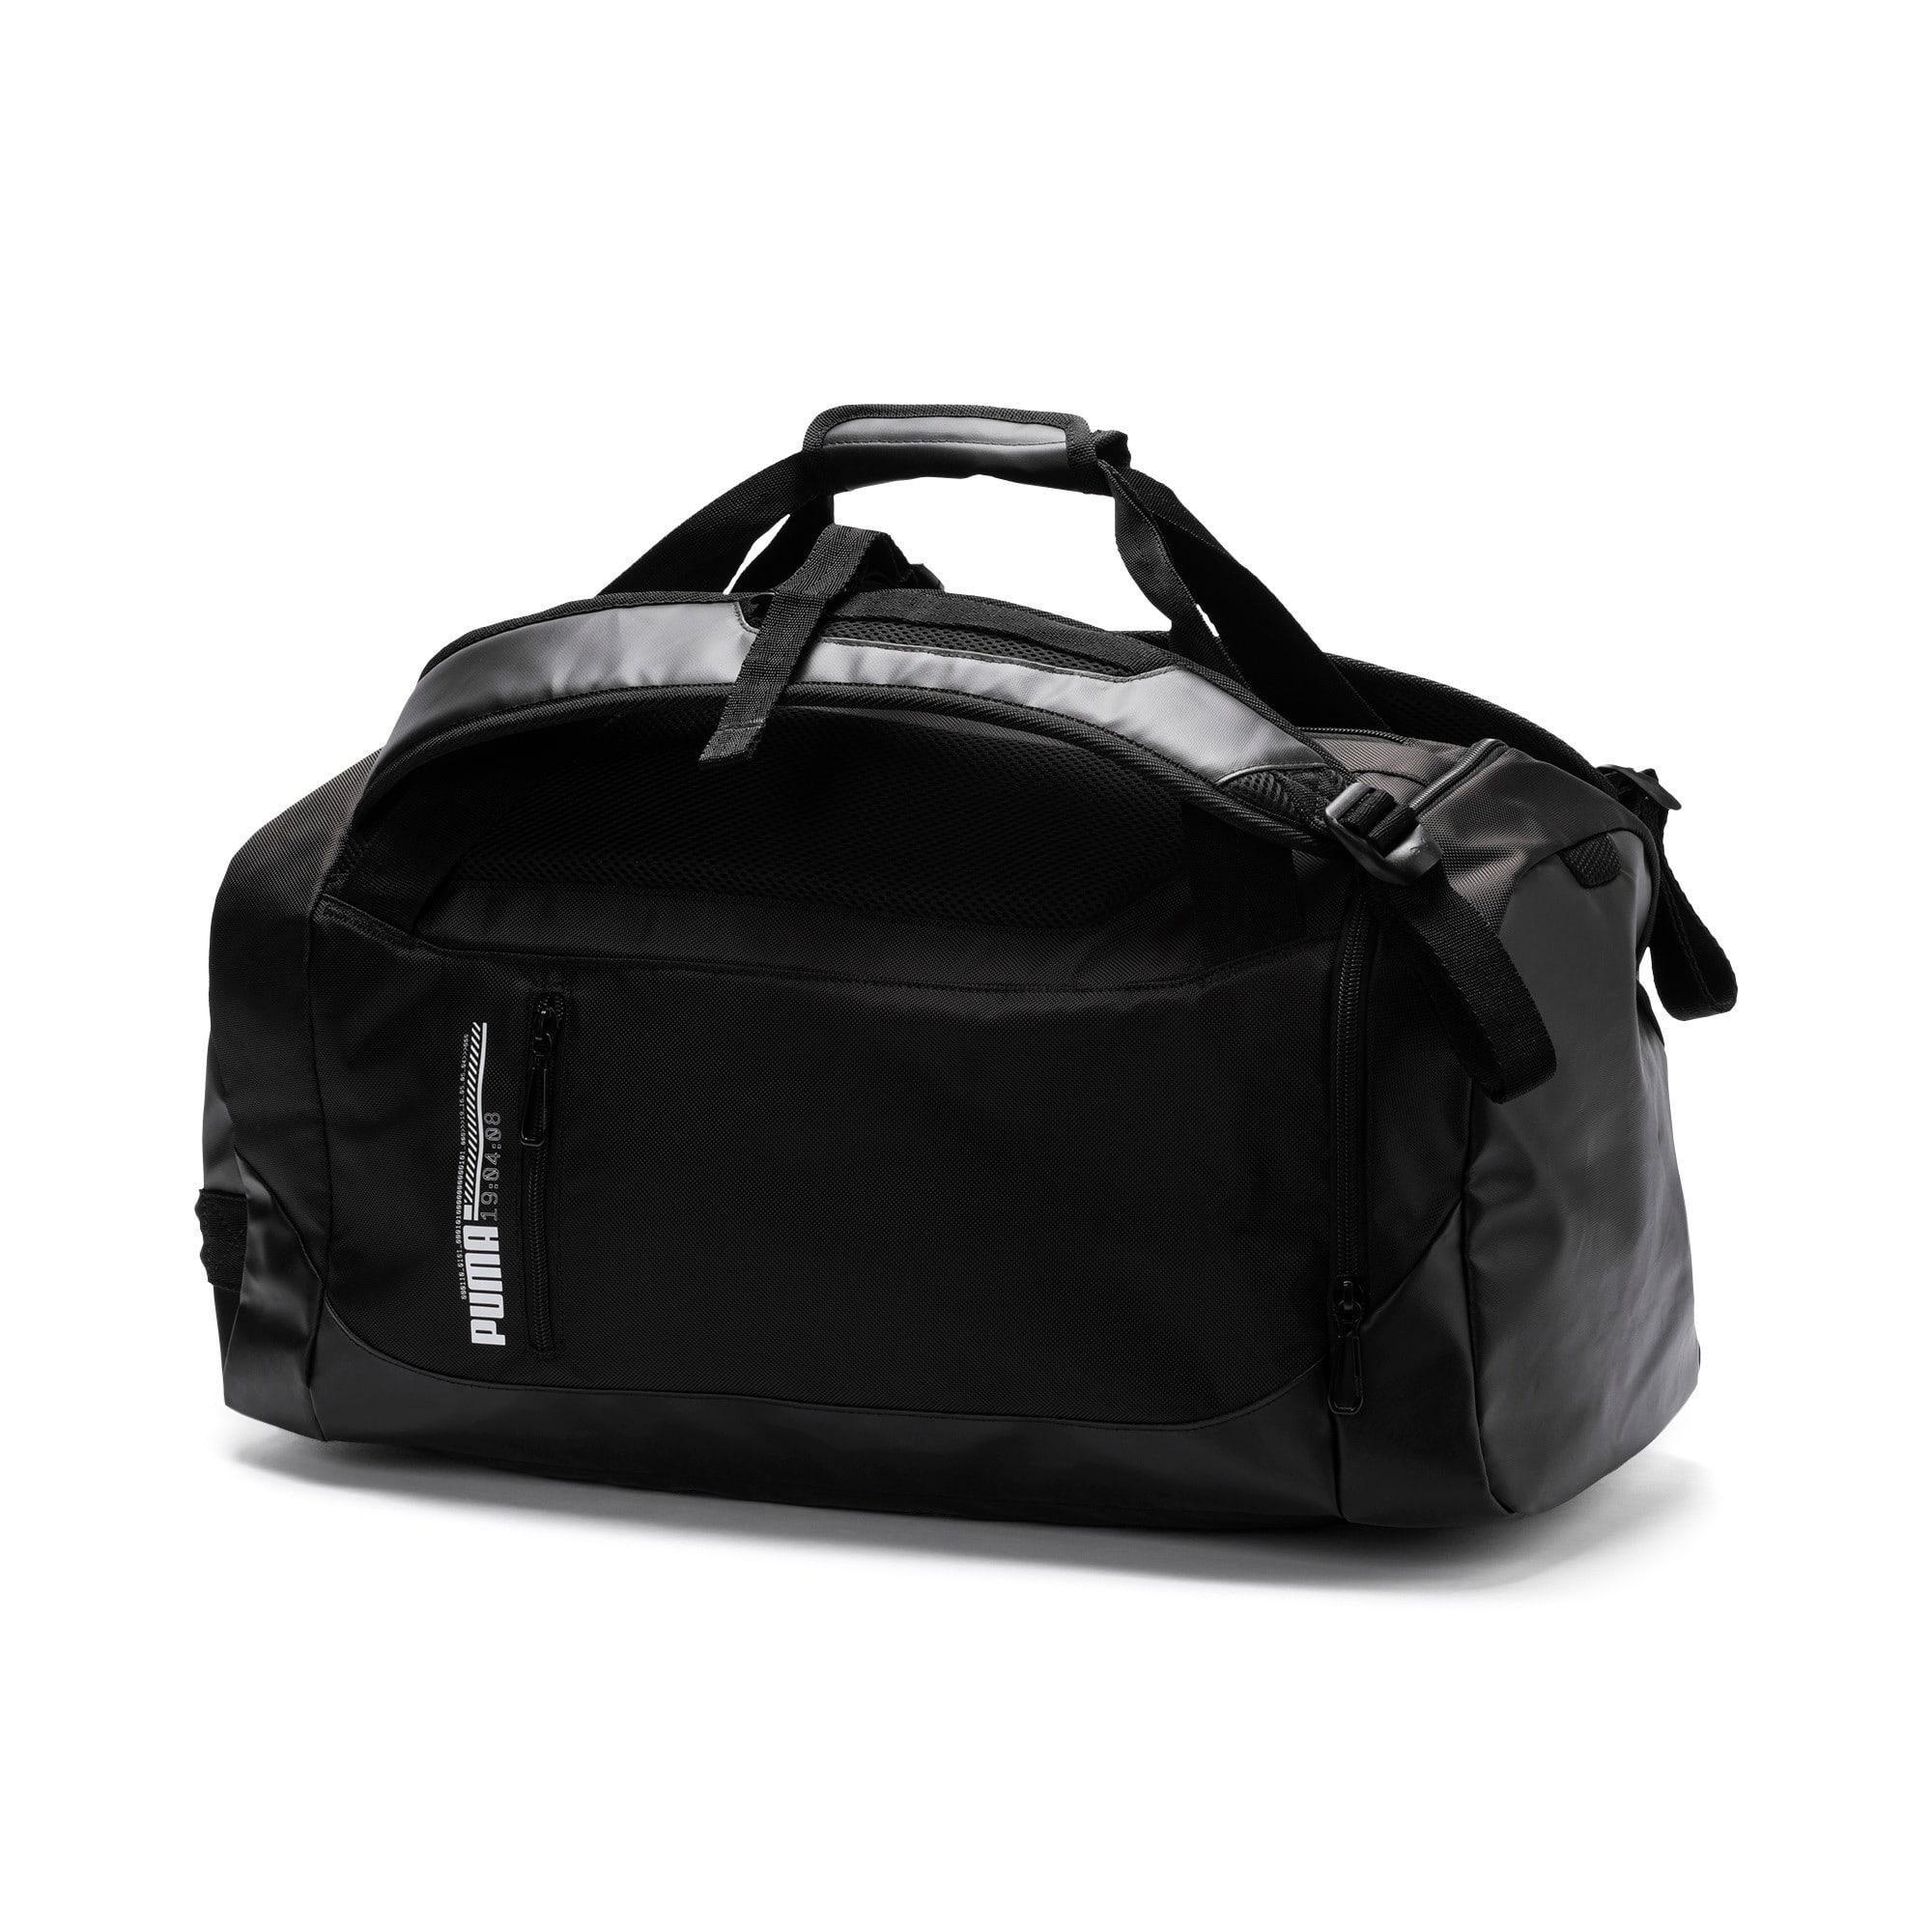 Thumbnail 1 of Energy 2-way Duffel Bag, Puma Black, medium